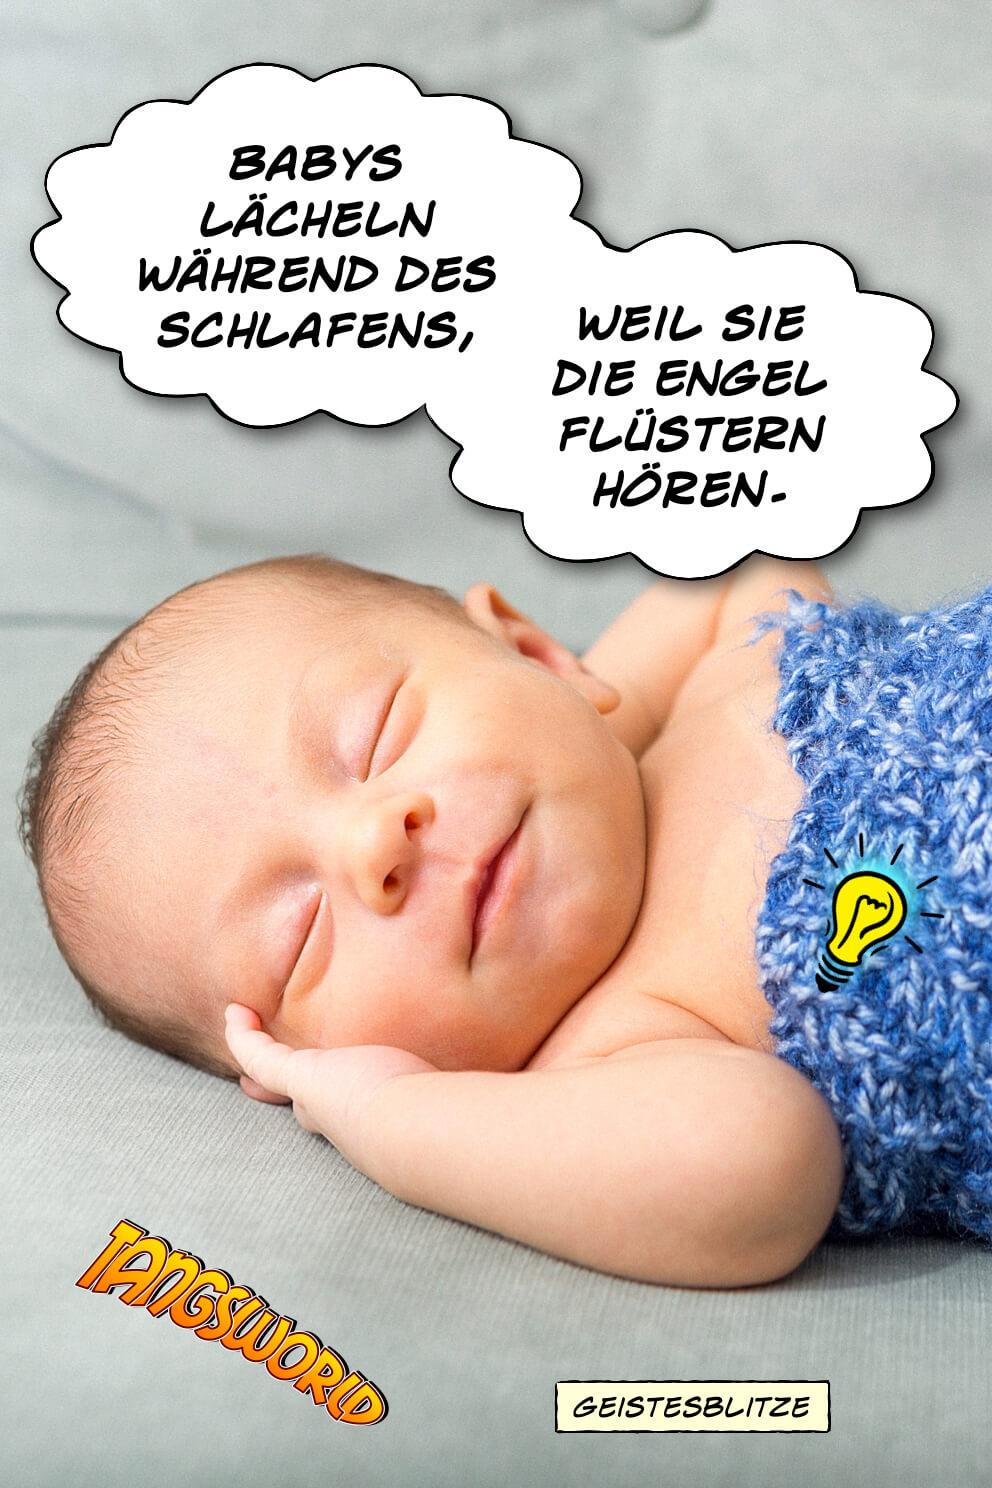 Babys lächeln während des Schlafens, weil sie die Engel flüstern hören. - Geistesblitze